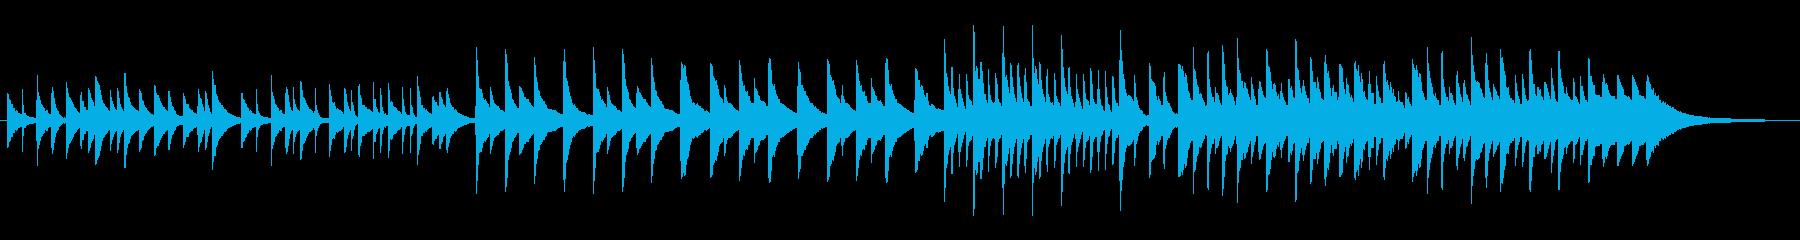 バージンロードを歩くイメージのピアノ曲の再生済みの波形